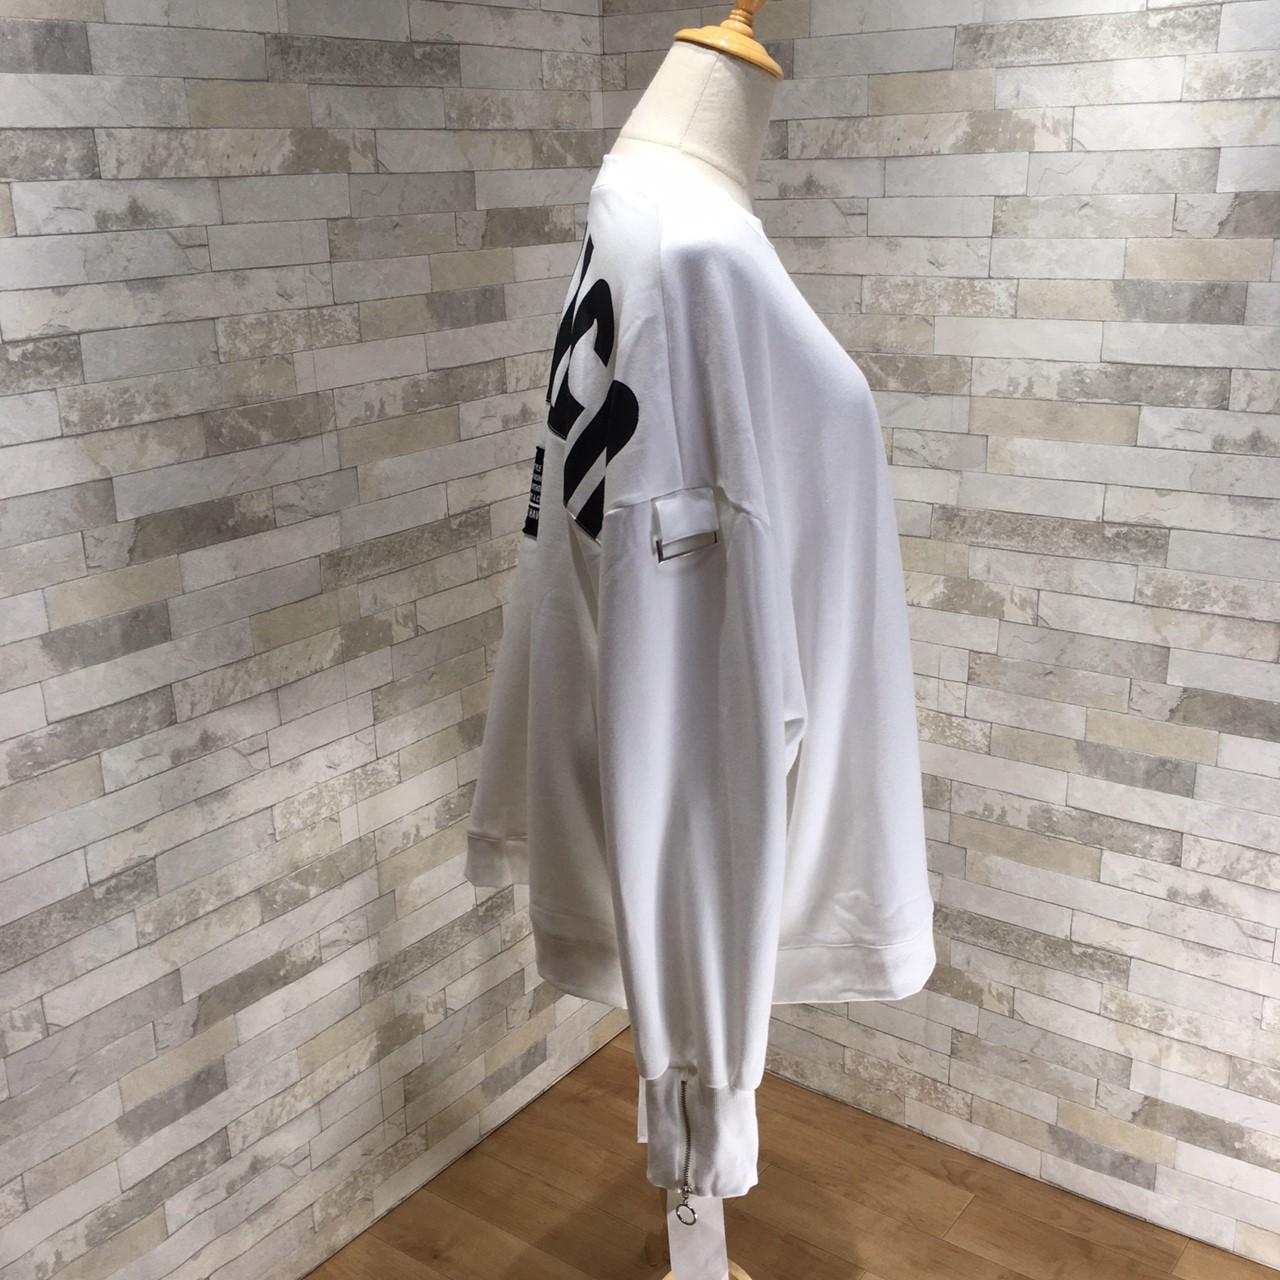 韓国 ファッション トップス スウェット トレーナー 秋 冬 カジュアル PTXG315  ビッグシルエット ダメージ ストリート オルチャン シンプル 定番 セレカジの写真16枚目